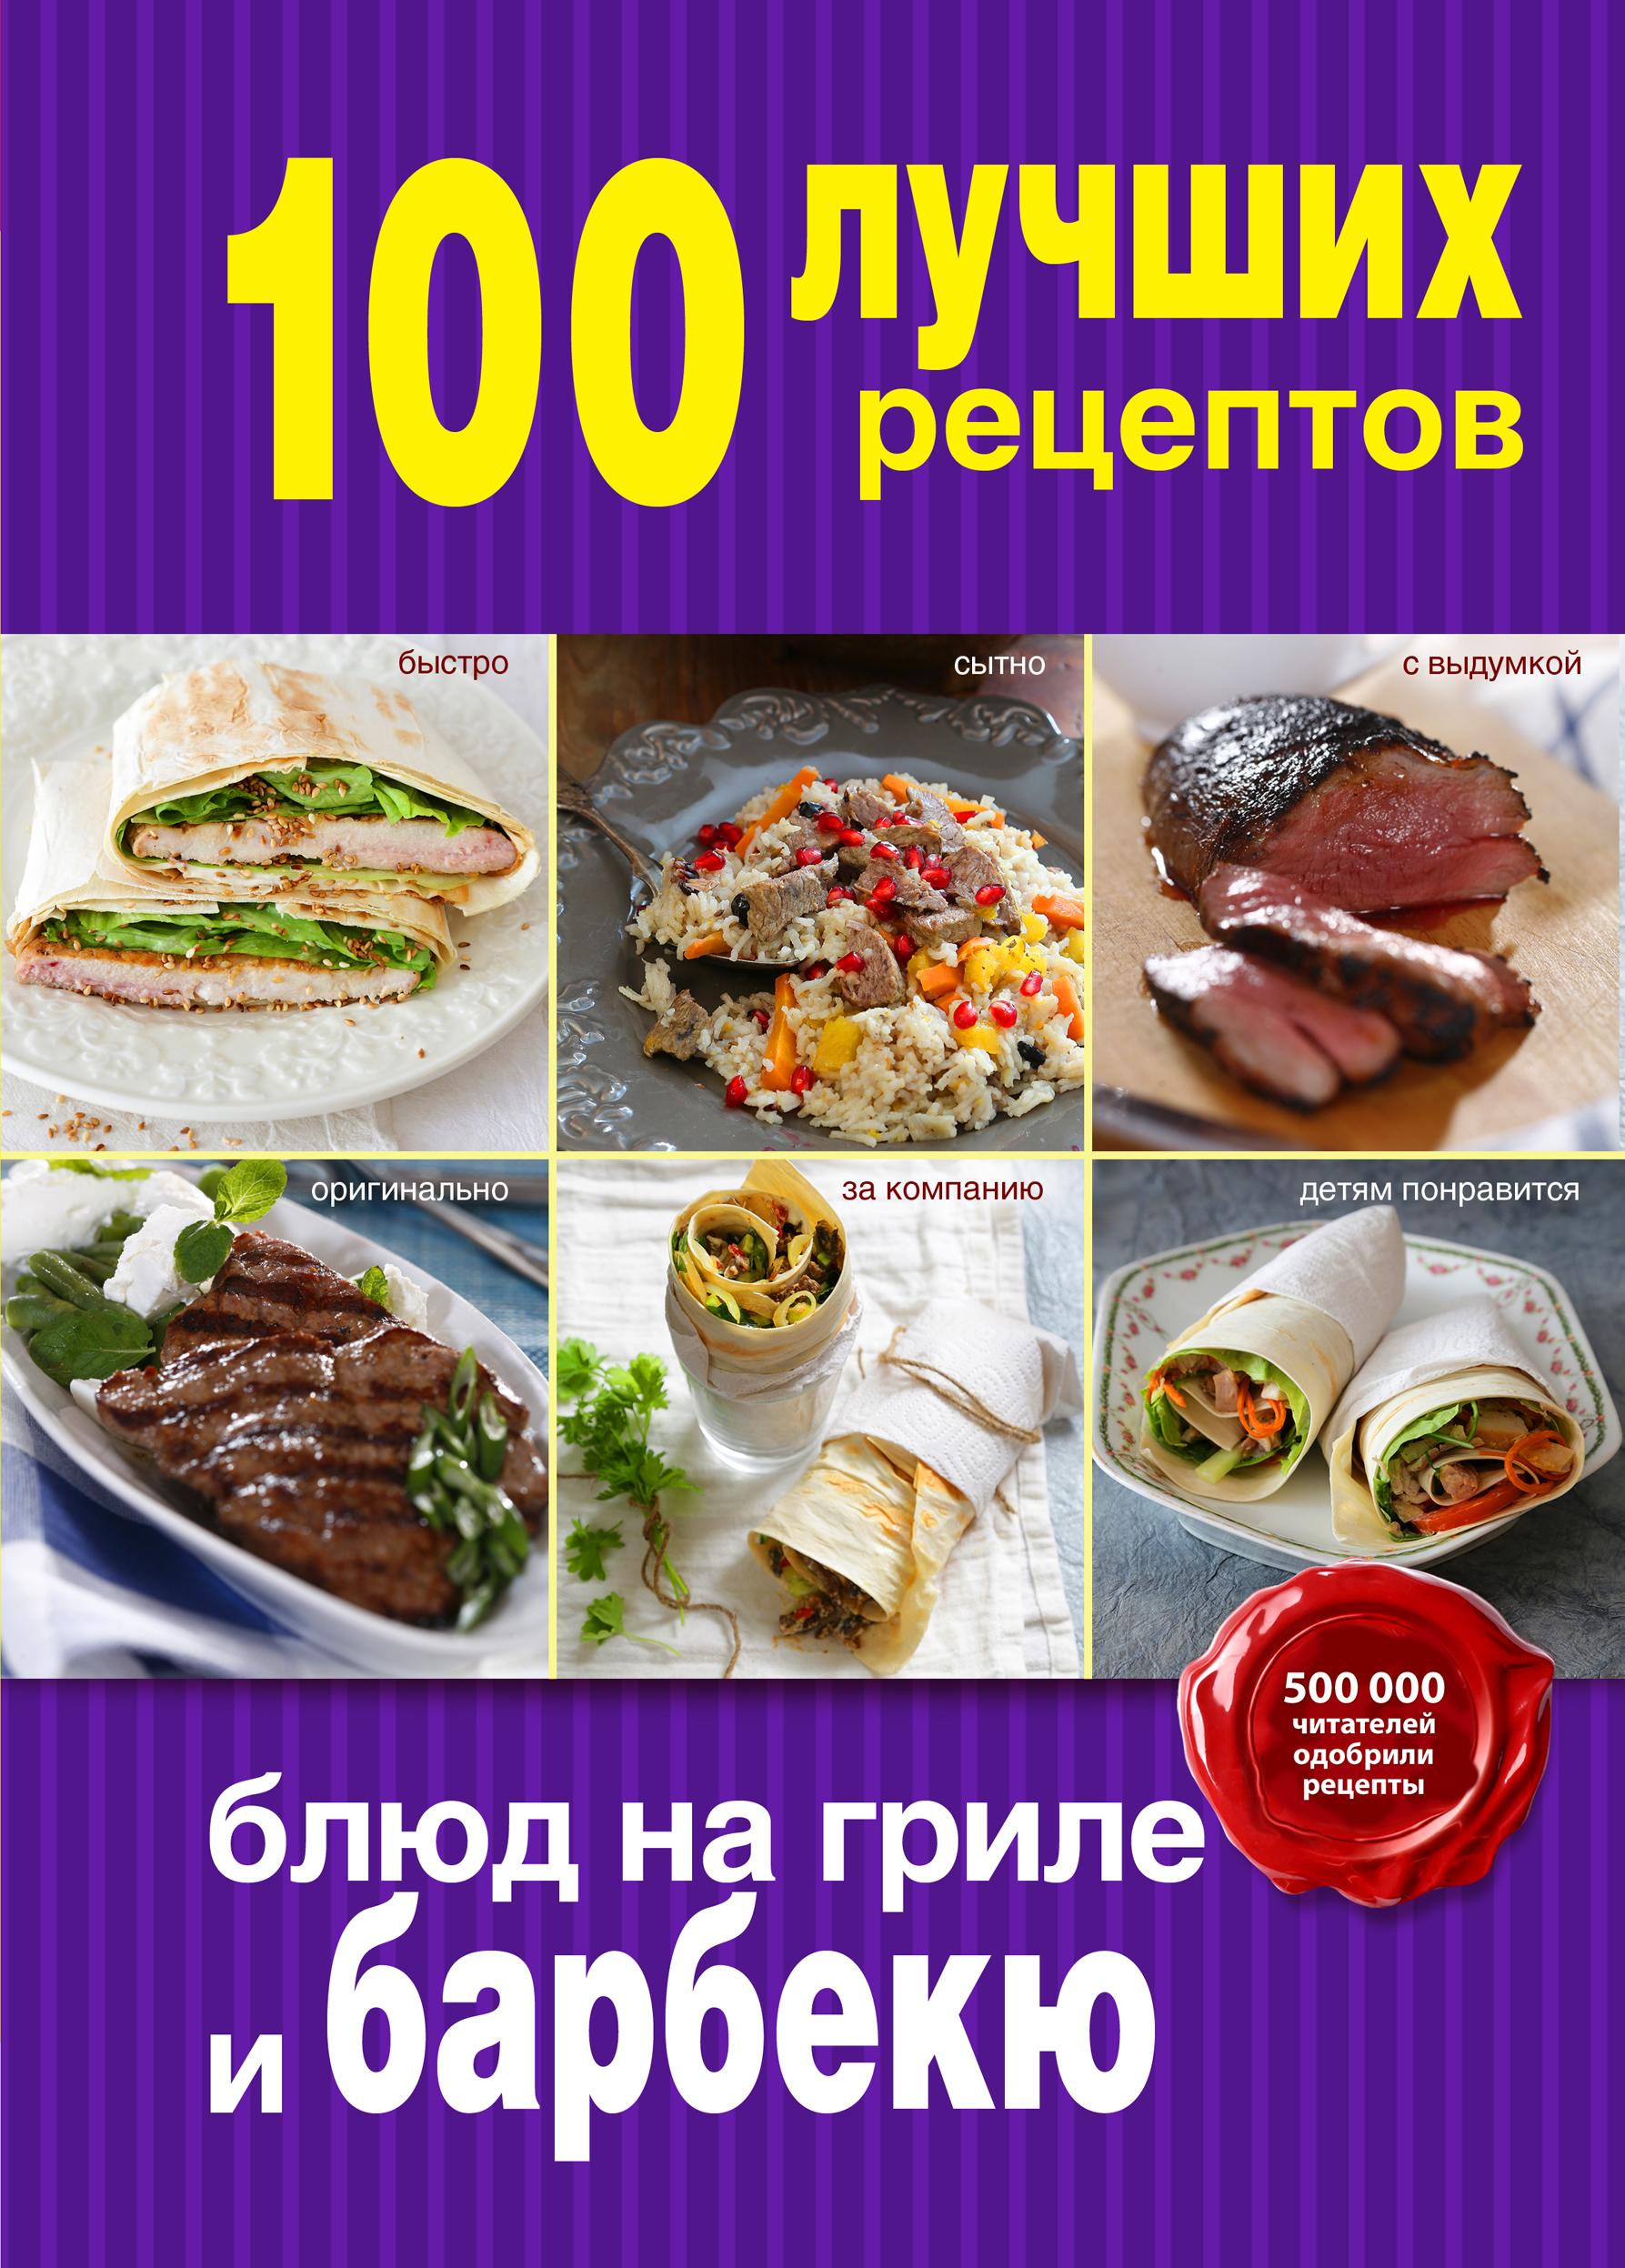 100 лучших рецептов блюд на гриле и барбекю левашова е 365 рецептов блюд на гриле